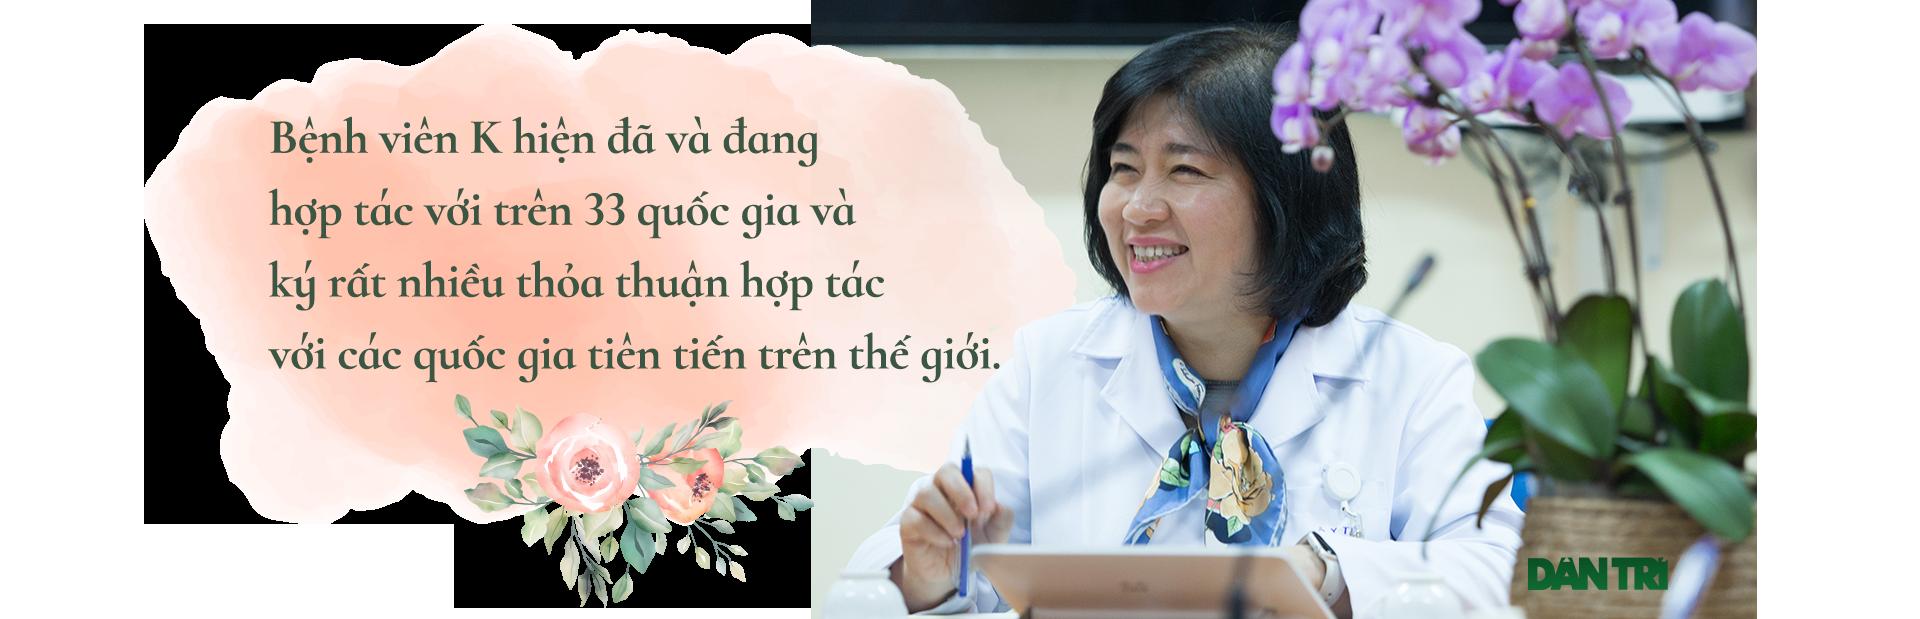 PGS Trần Thanh Hương - Người mang niềm vui tới hàng vạn bệnh nhân ung thư - 19